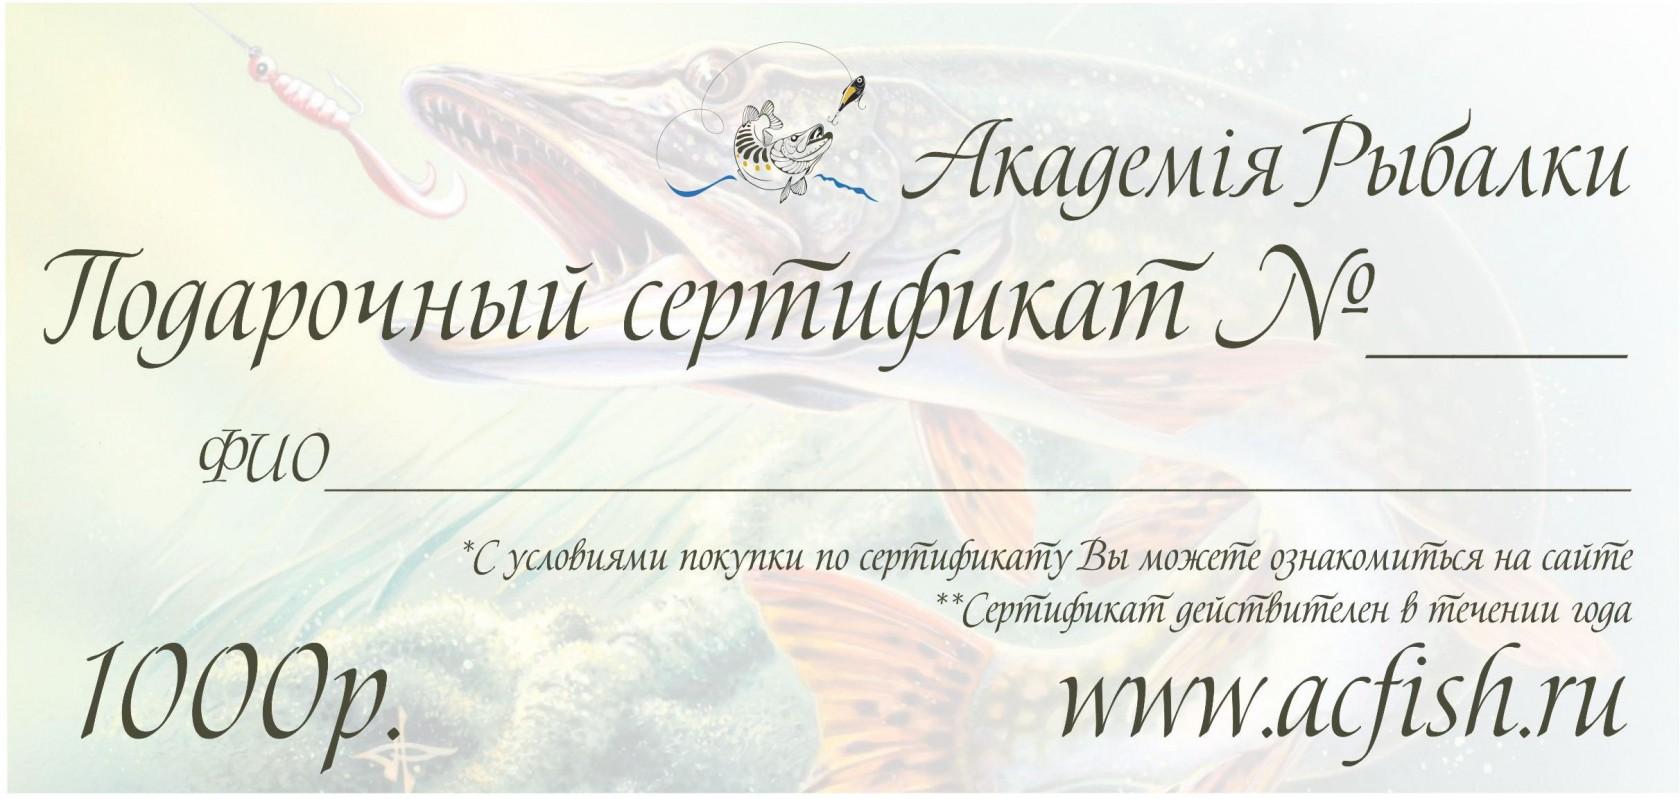 сертификат в магазин рыбалки новосибирск